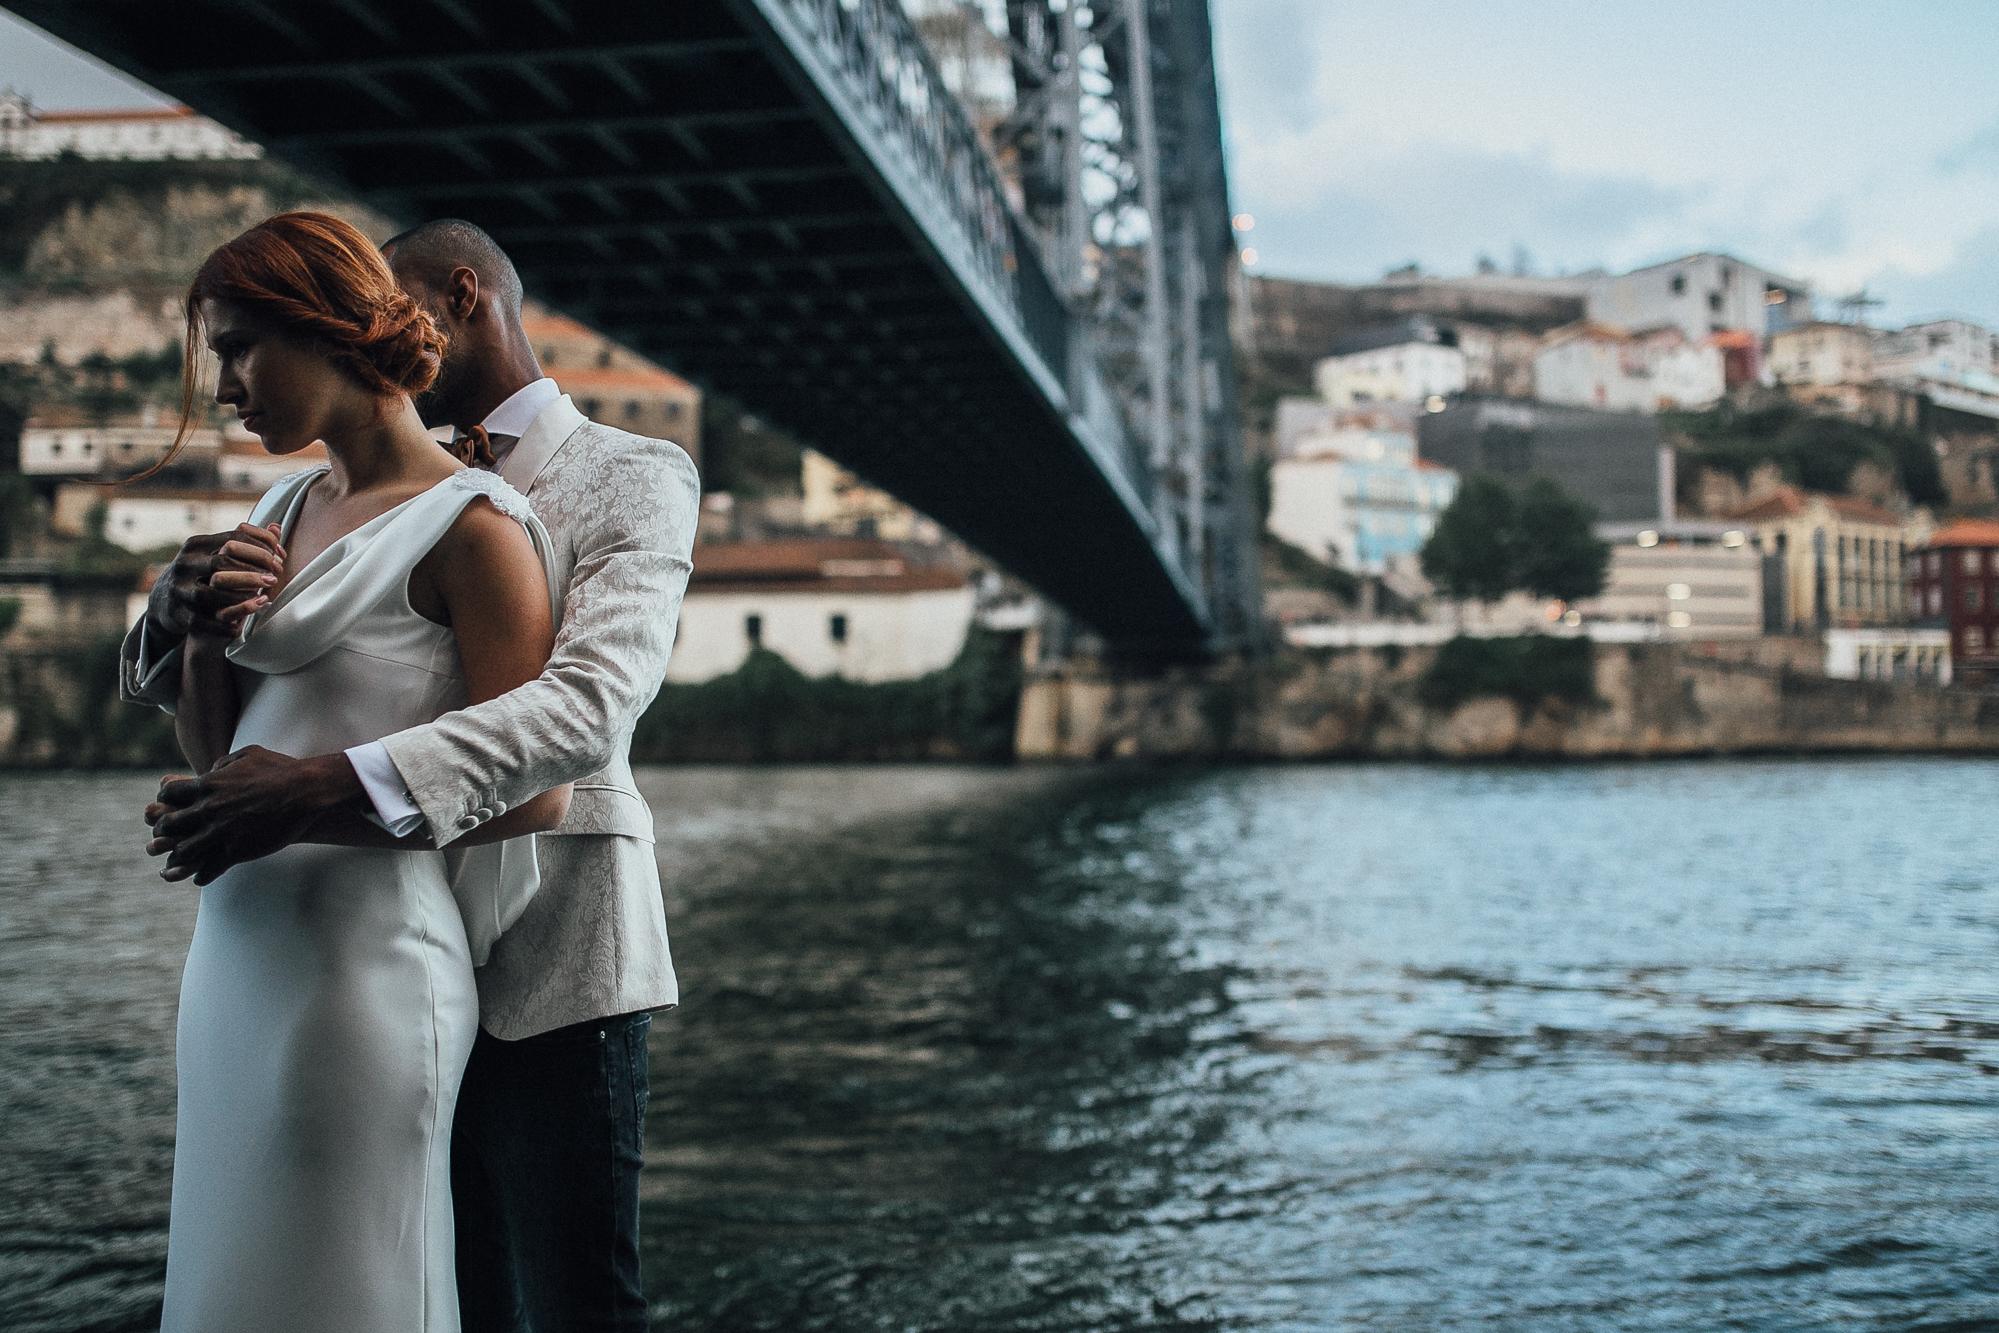 fotografo_de bodas_portugal_alfonso_flores-8040.jpg